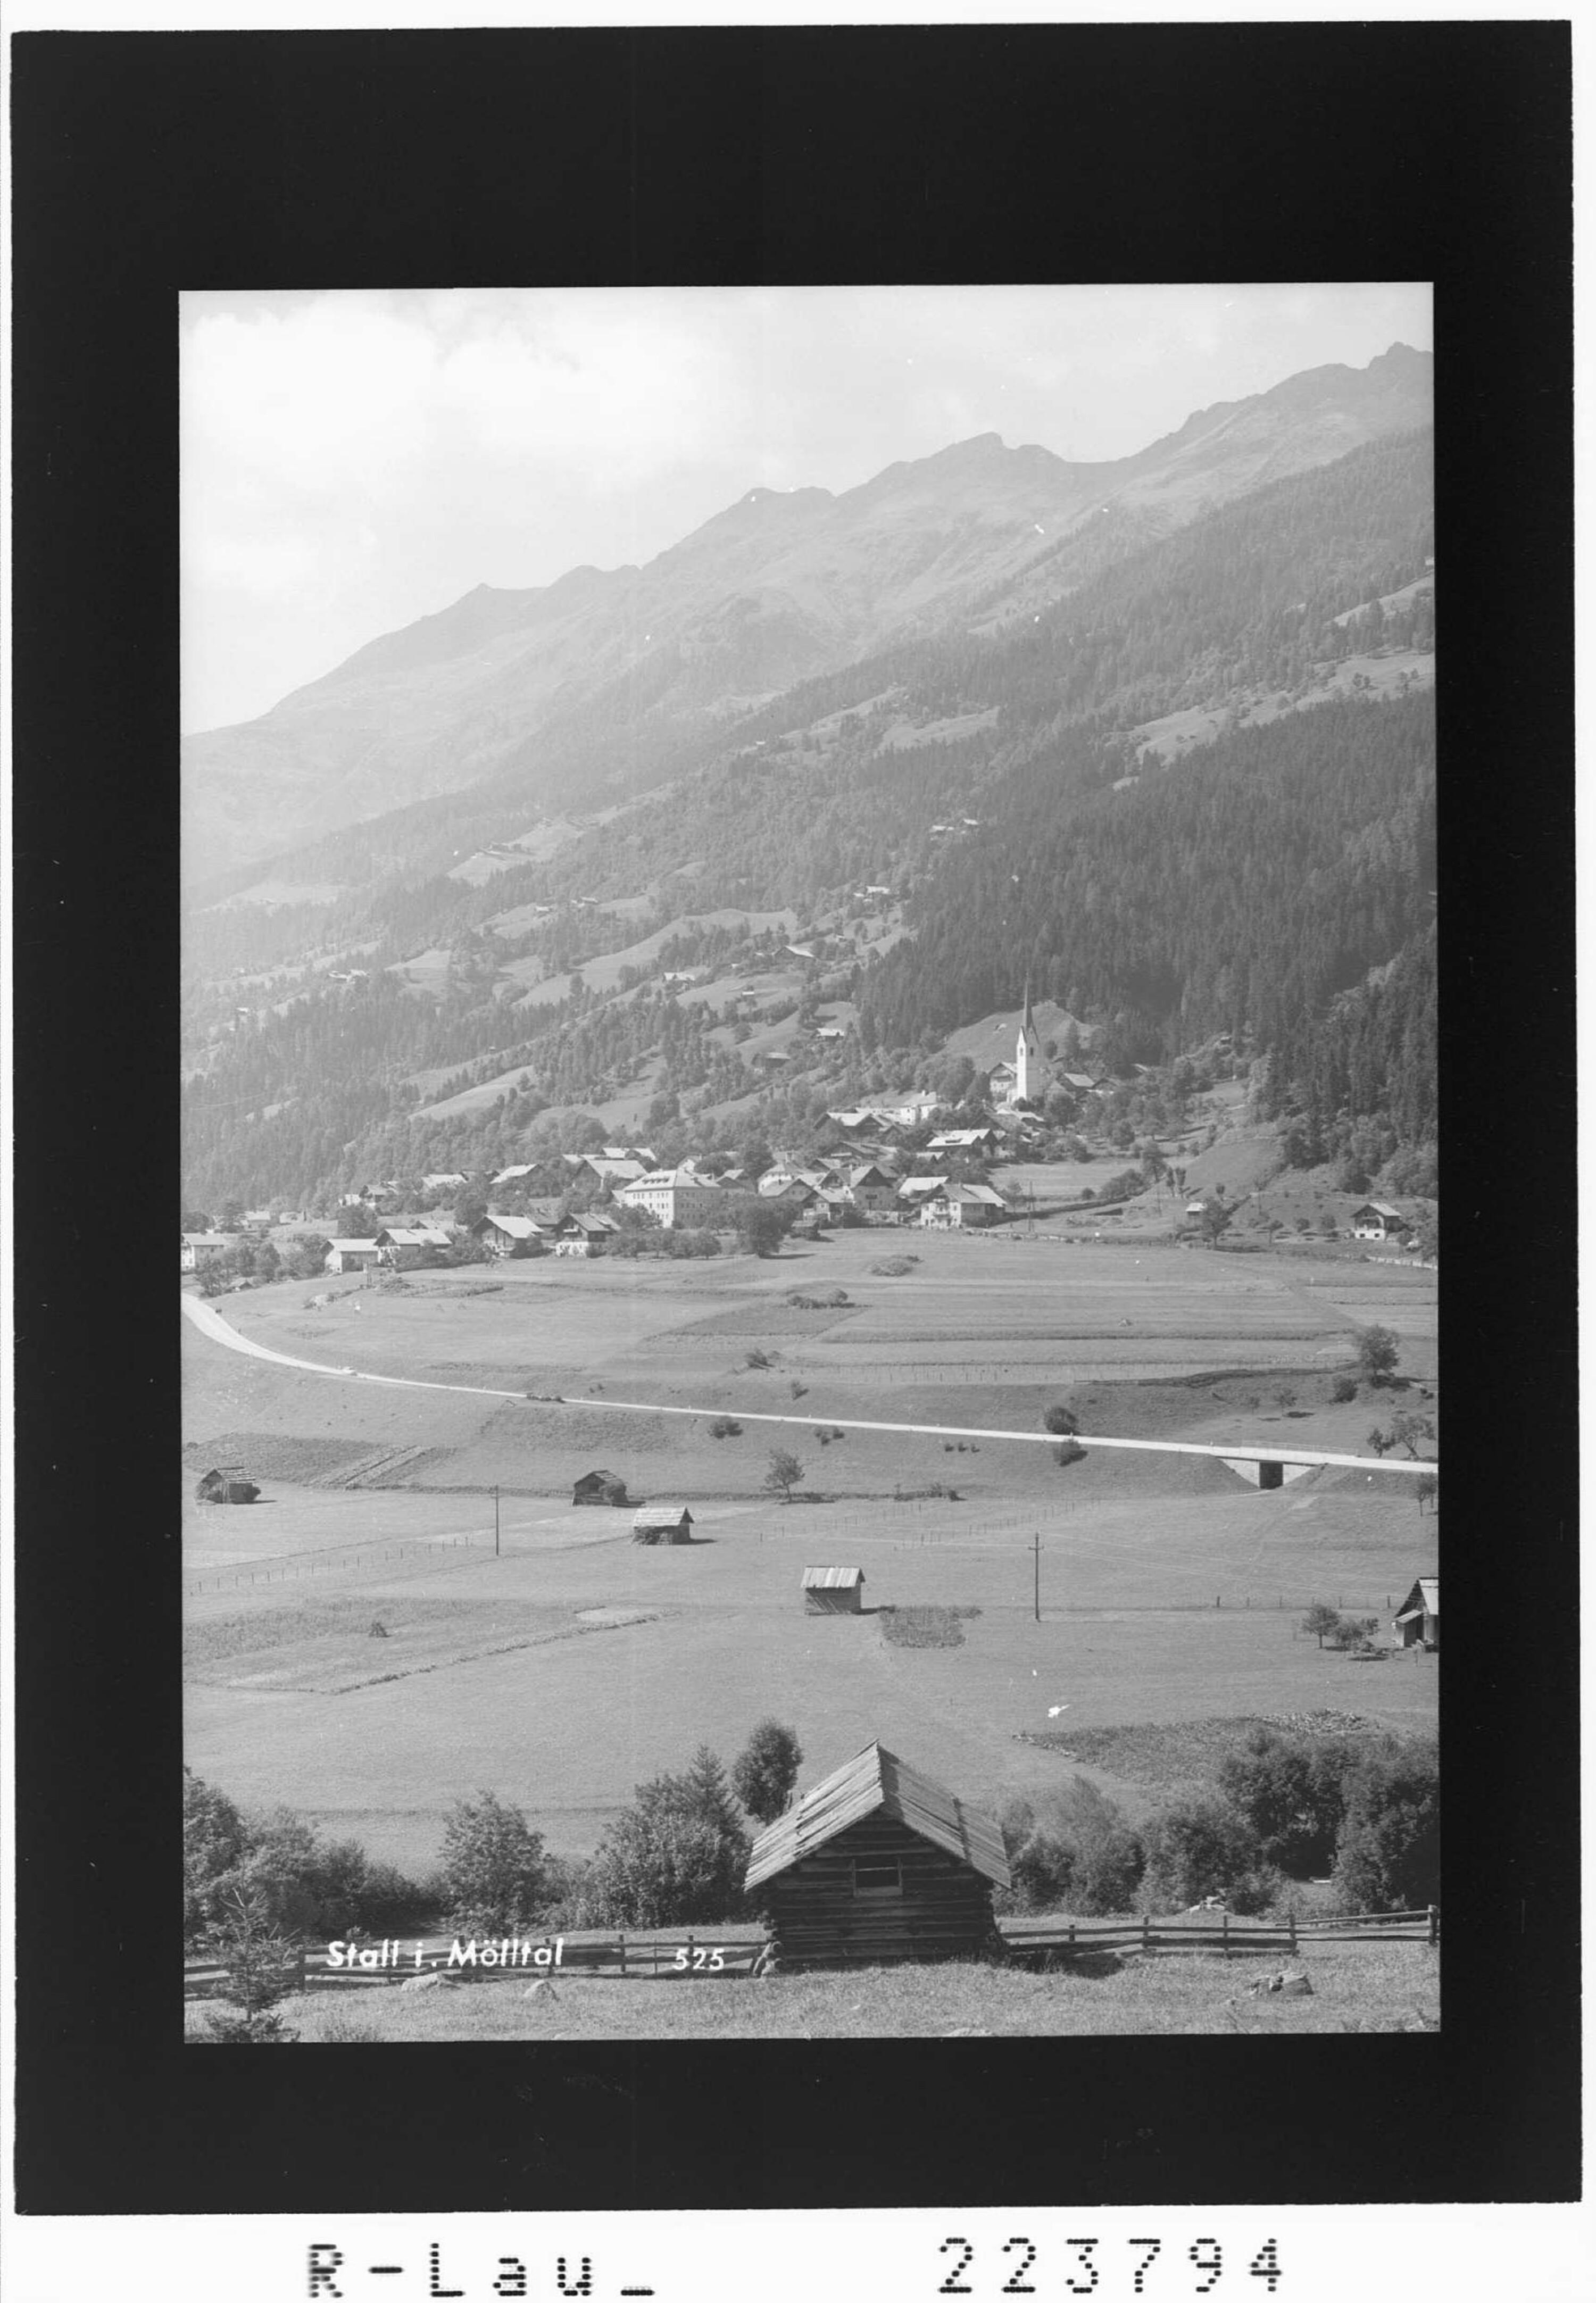 Stall im Mölltal von Gamberger